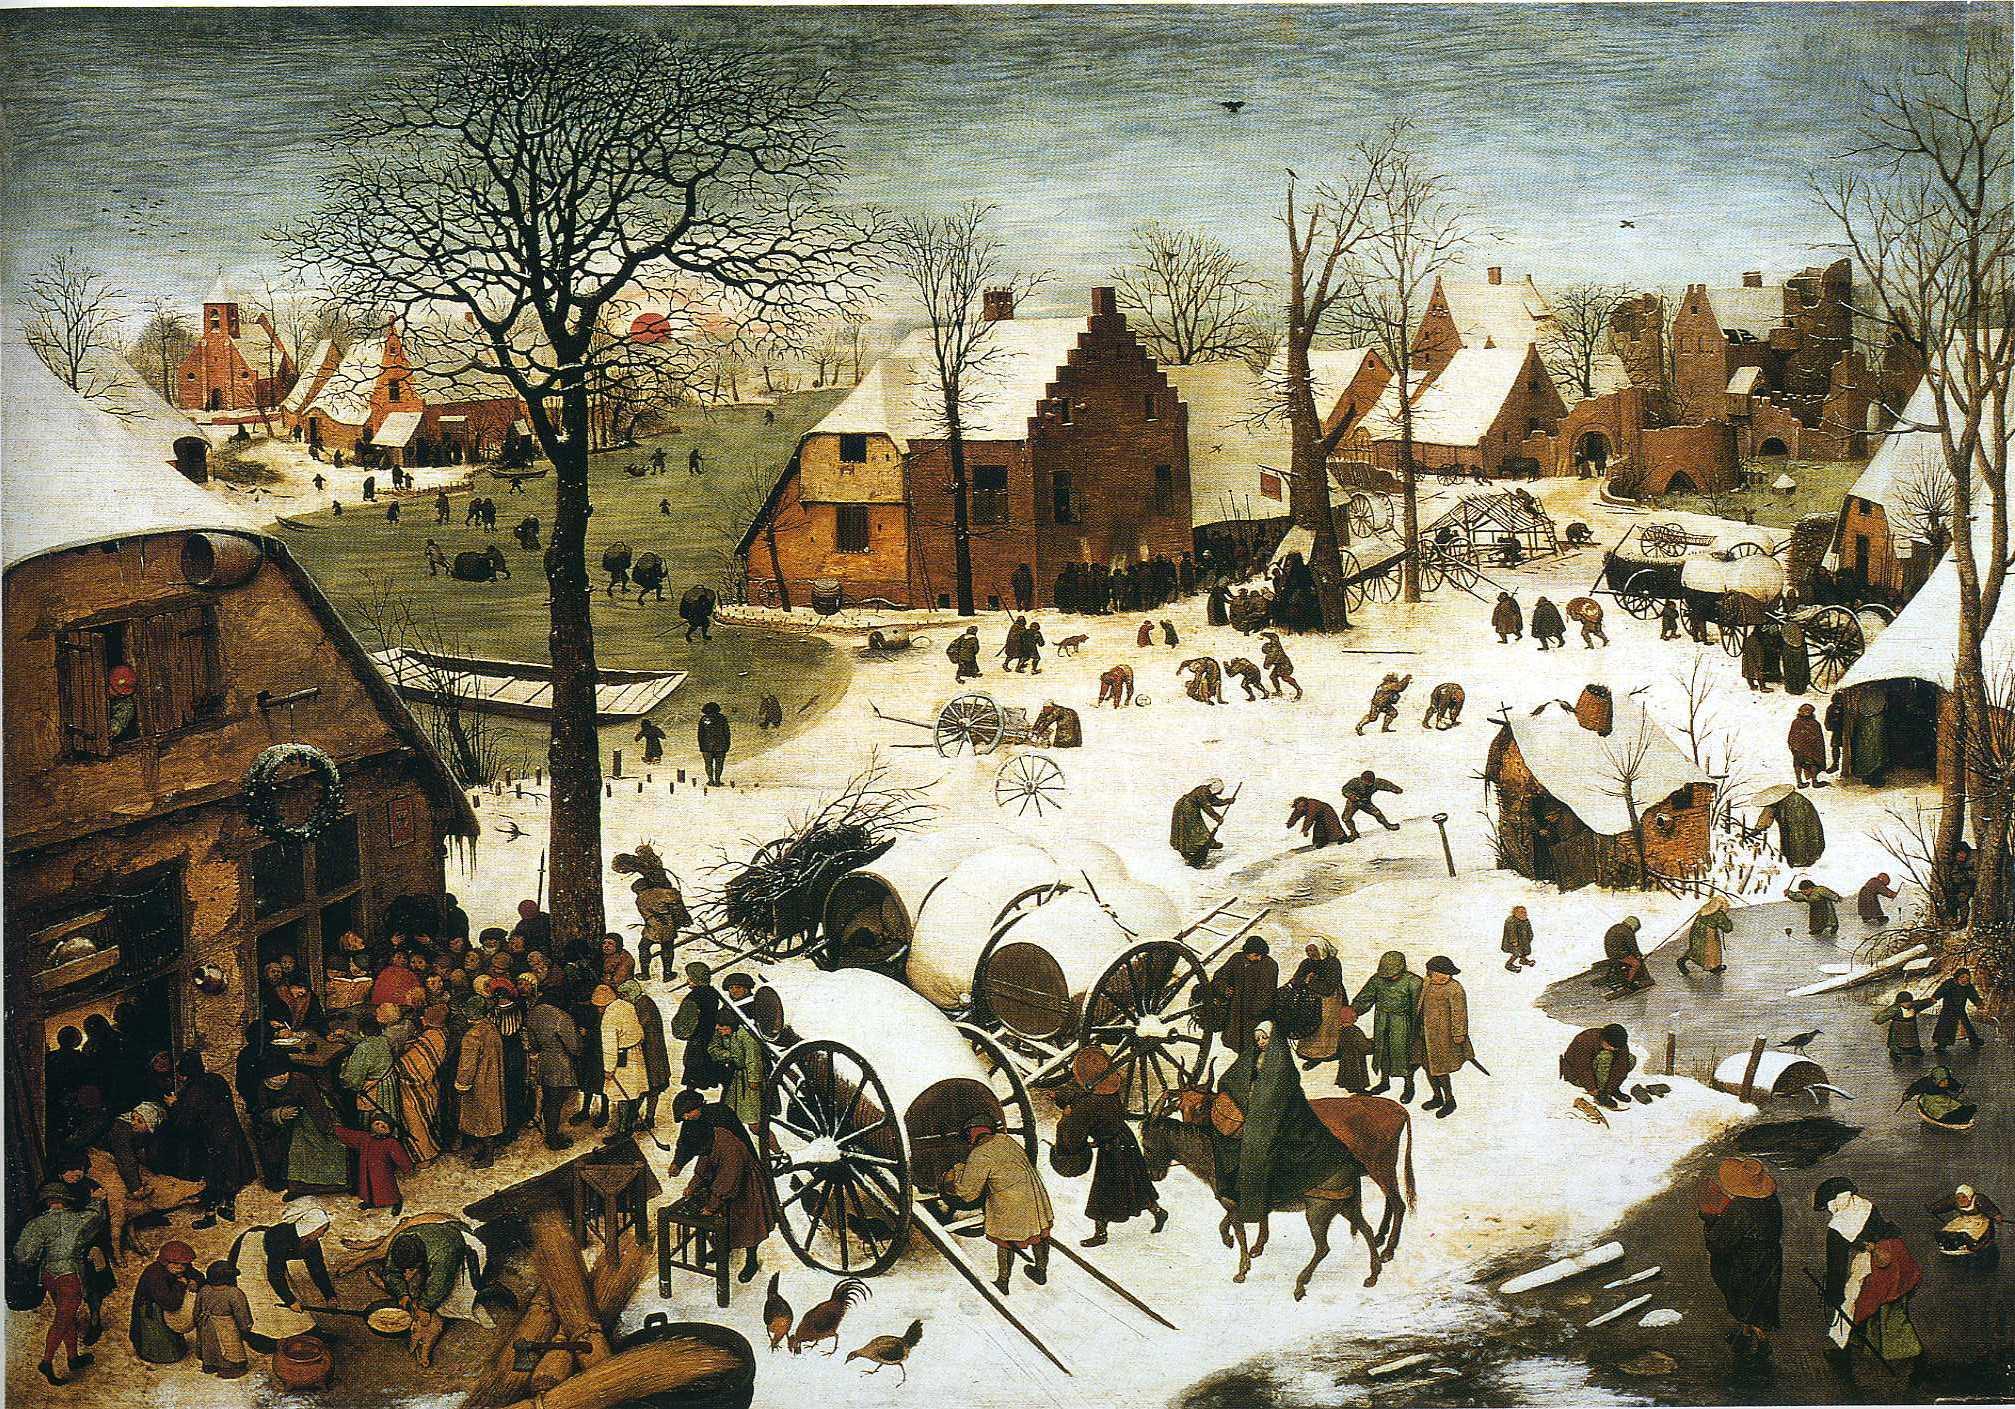 http://uploads1.wikipaintings.org/images/pieter-bruegel-the-elder/census-at-bethlehem-1566.jpg